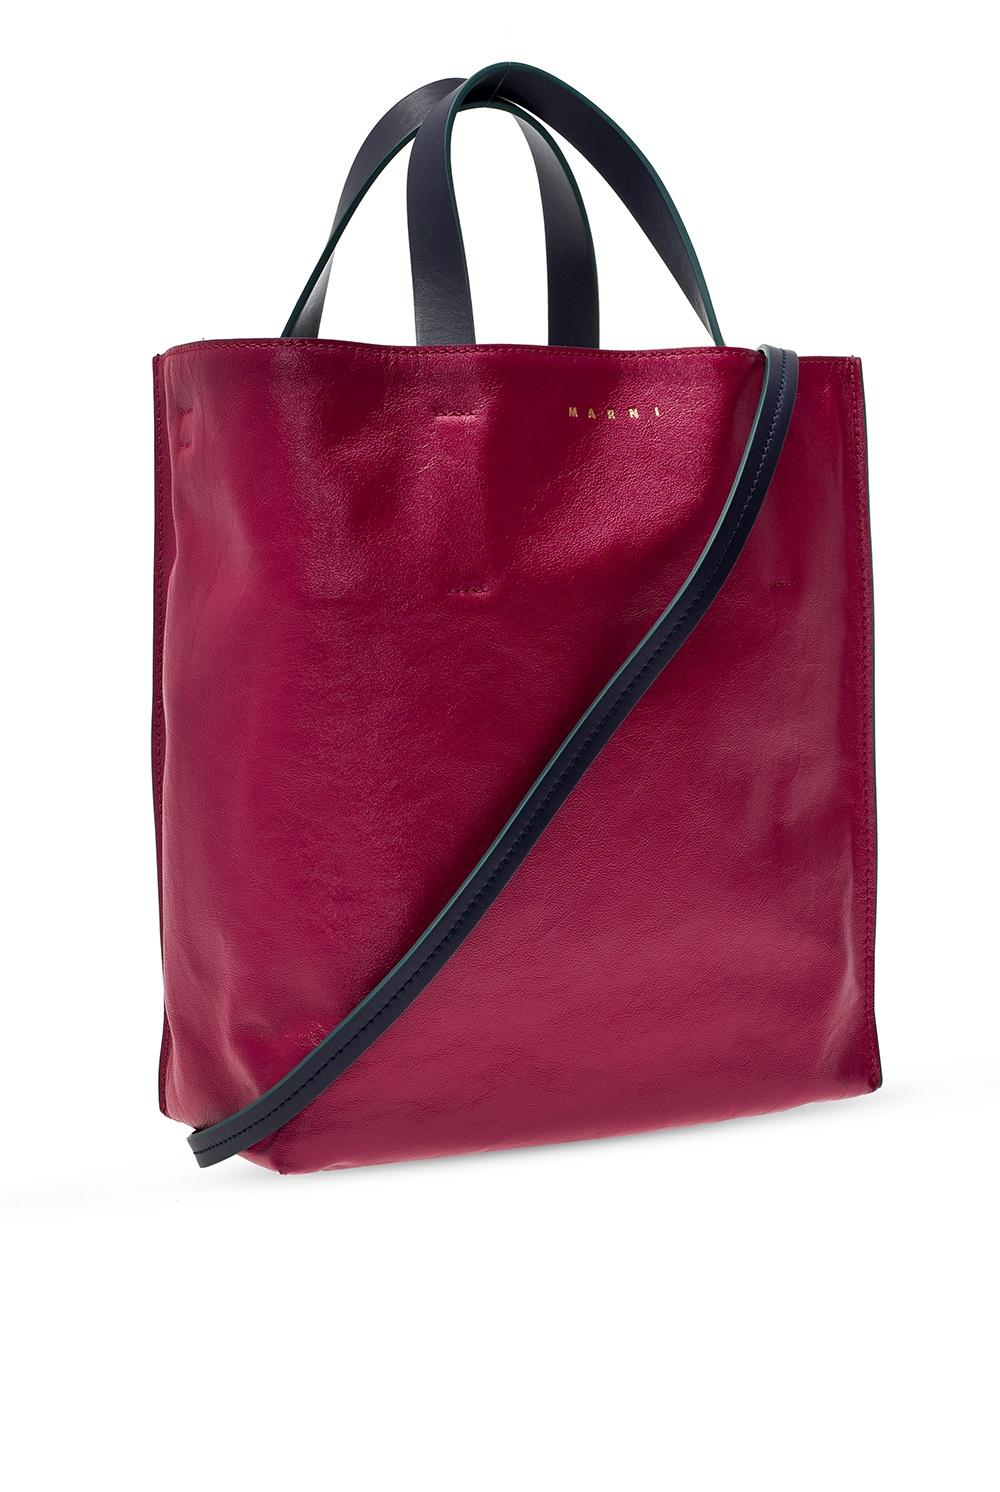 Marni 'Museo' shoulder bag